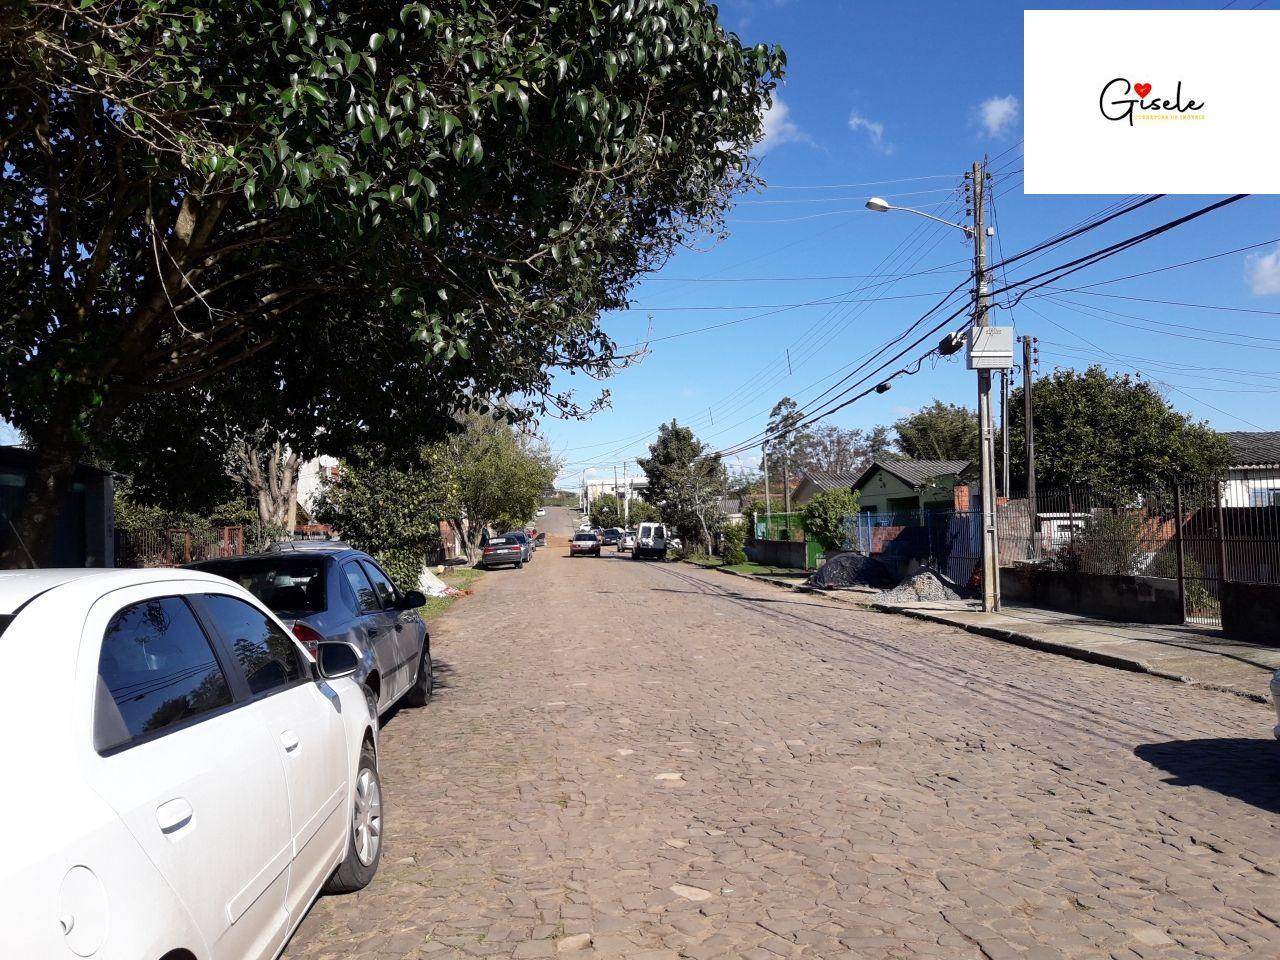 Terreno/Lote à venda, 360 m² por R$ 155.000,00